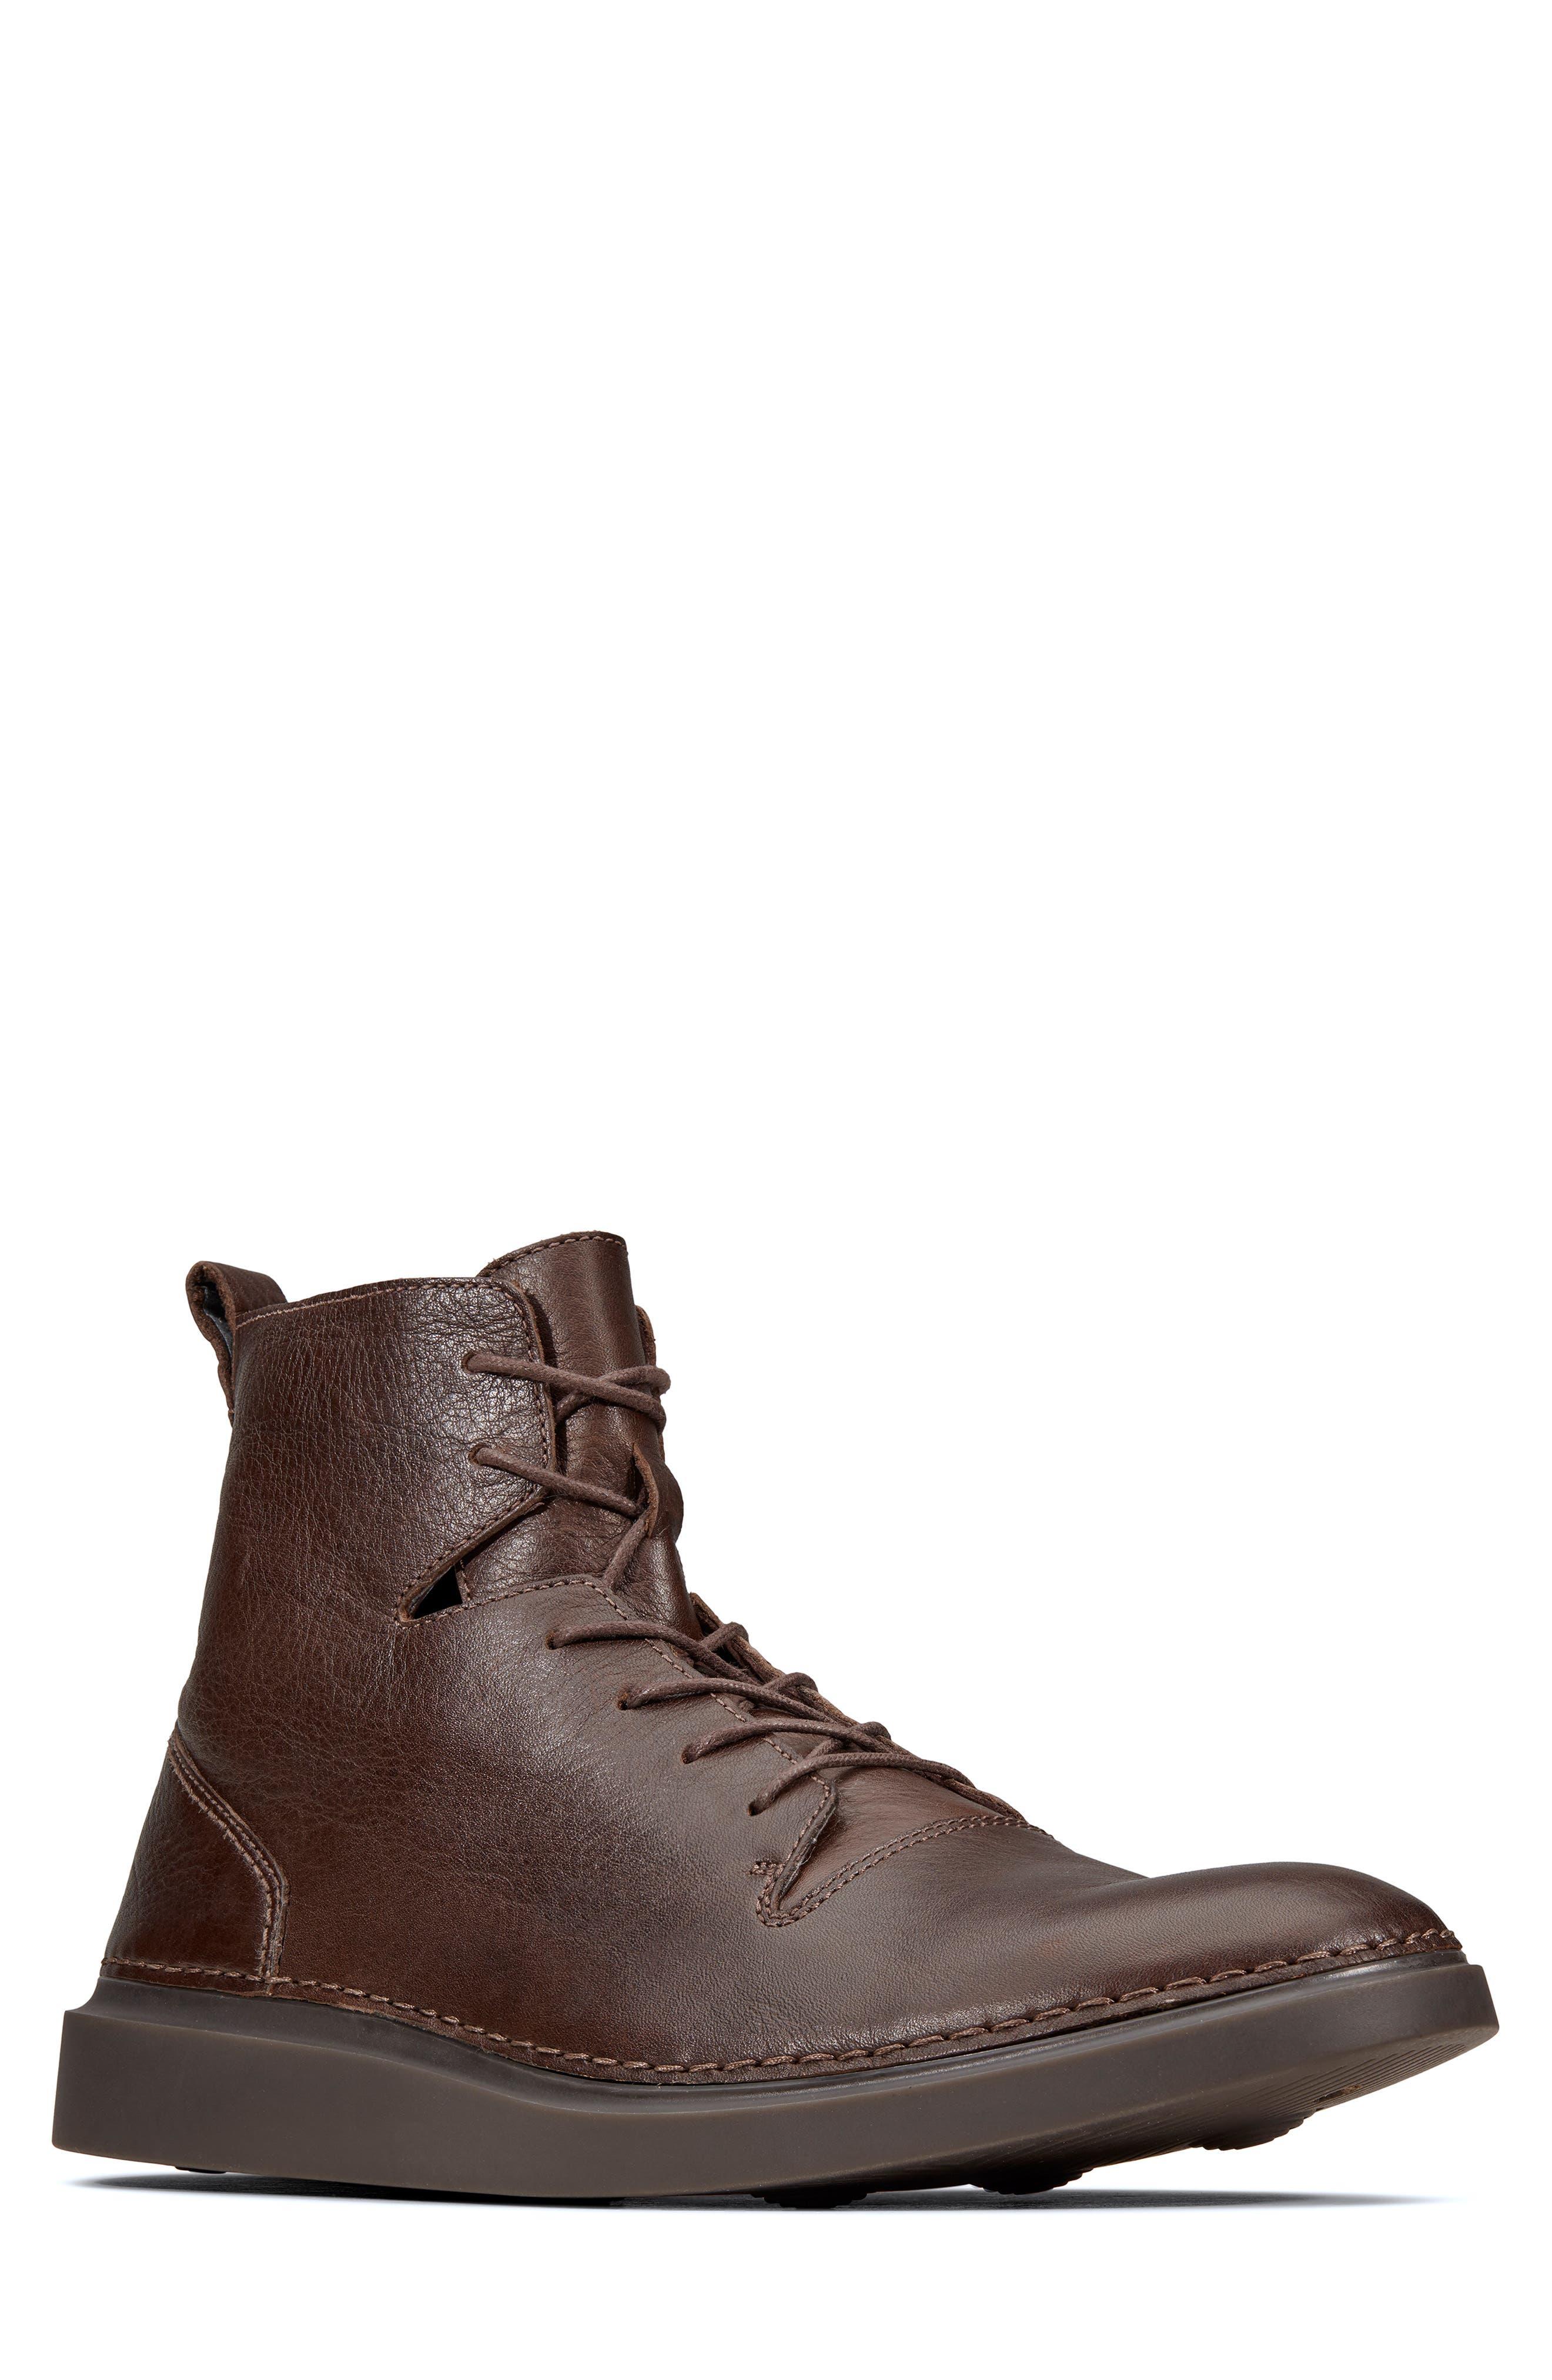 Hale Rise Plain Toe Boot,                         Main,                         color, 213